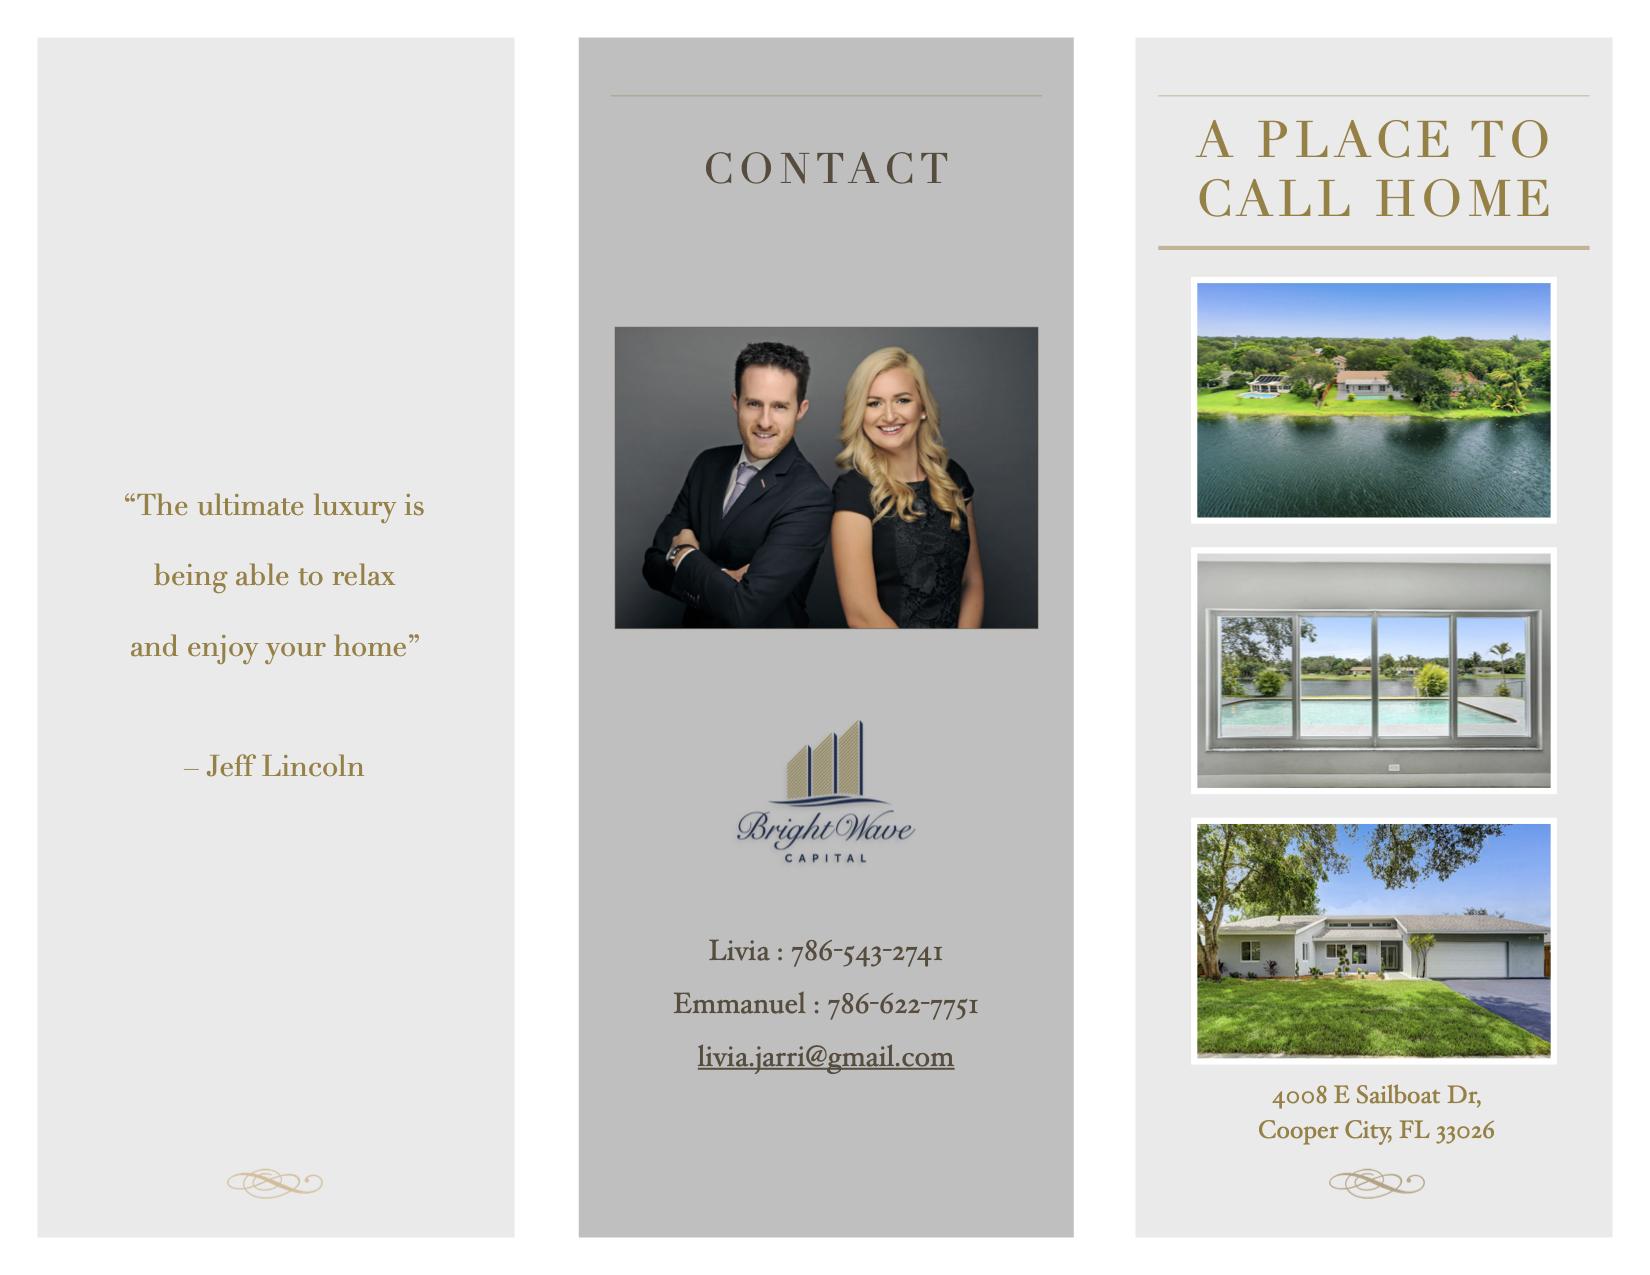 Brochure 4008 E Sailboat Dr, Cooper City, FL 33026 (cover)